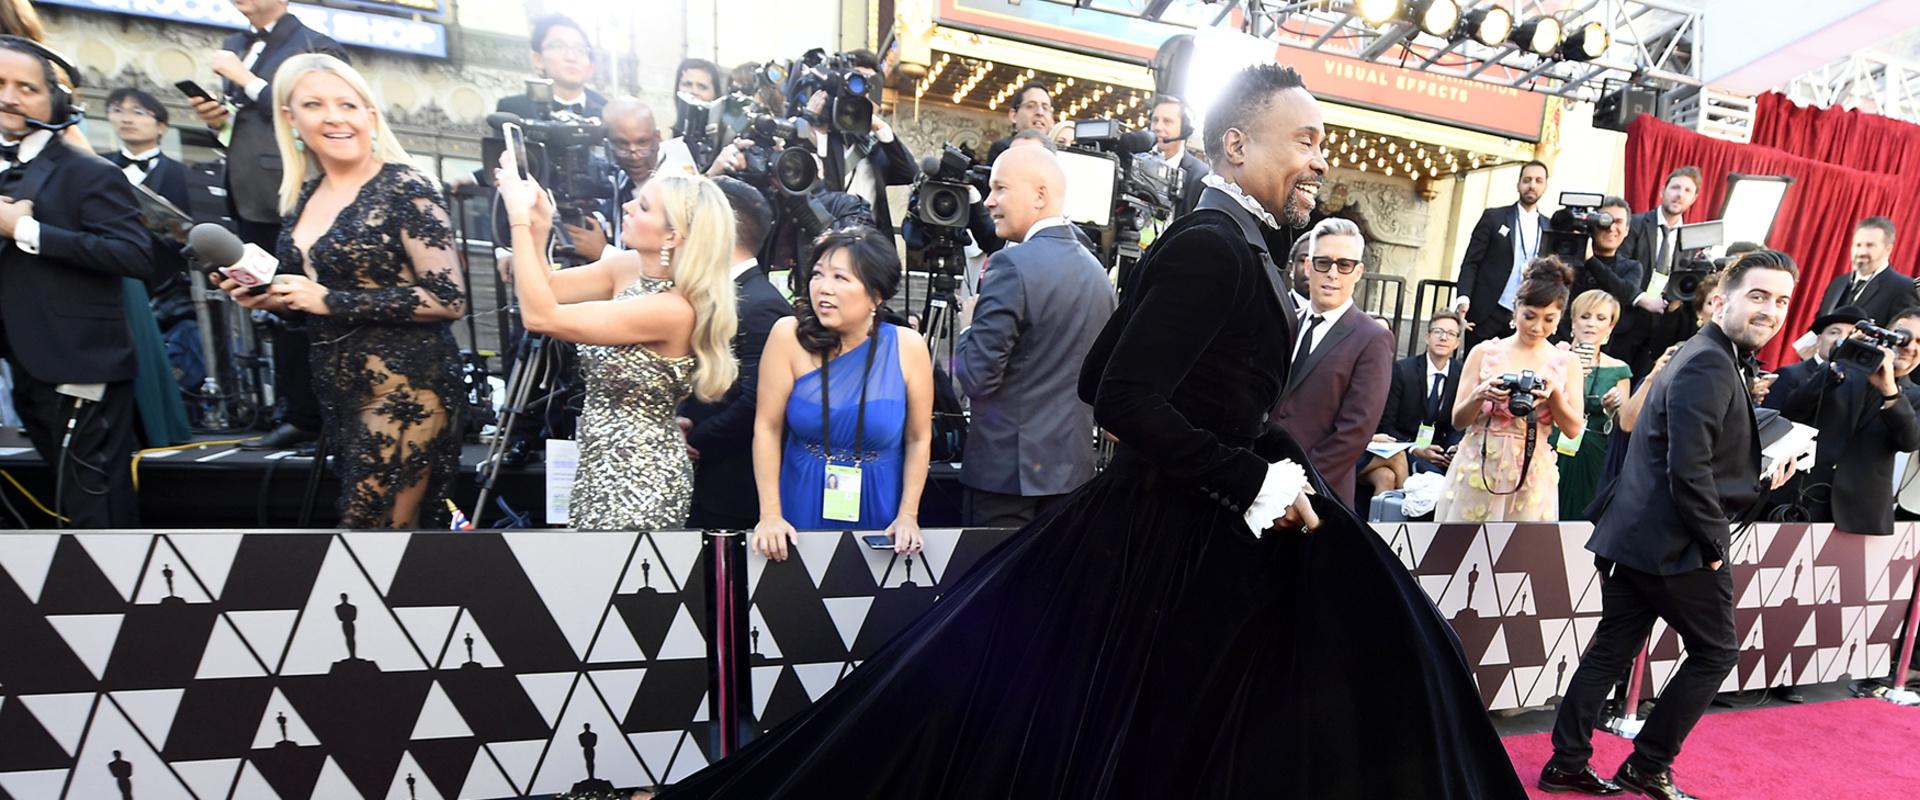 Чем запомнился «Оскар-2019»: три награды Куарона, статуэтка Леди Гаги и 19-килограммовое платье Гленн Клоуз